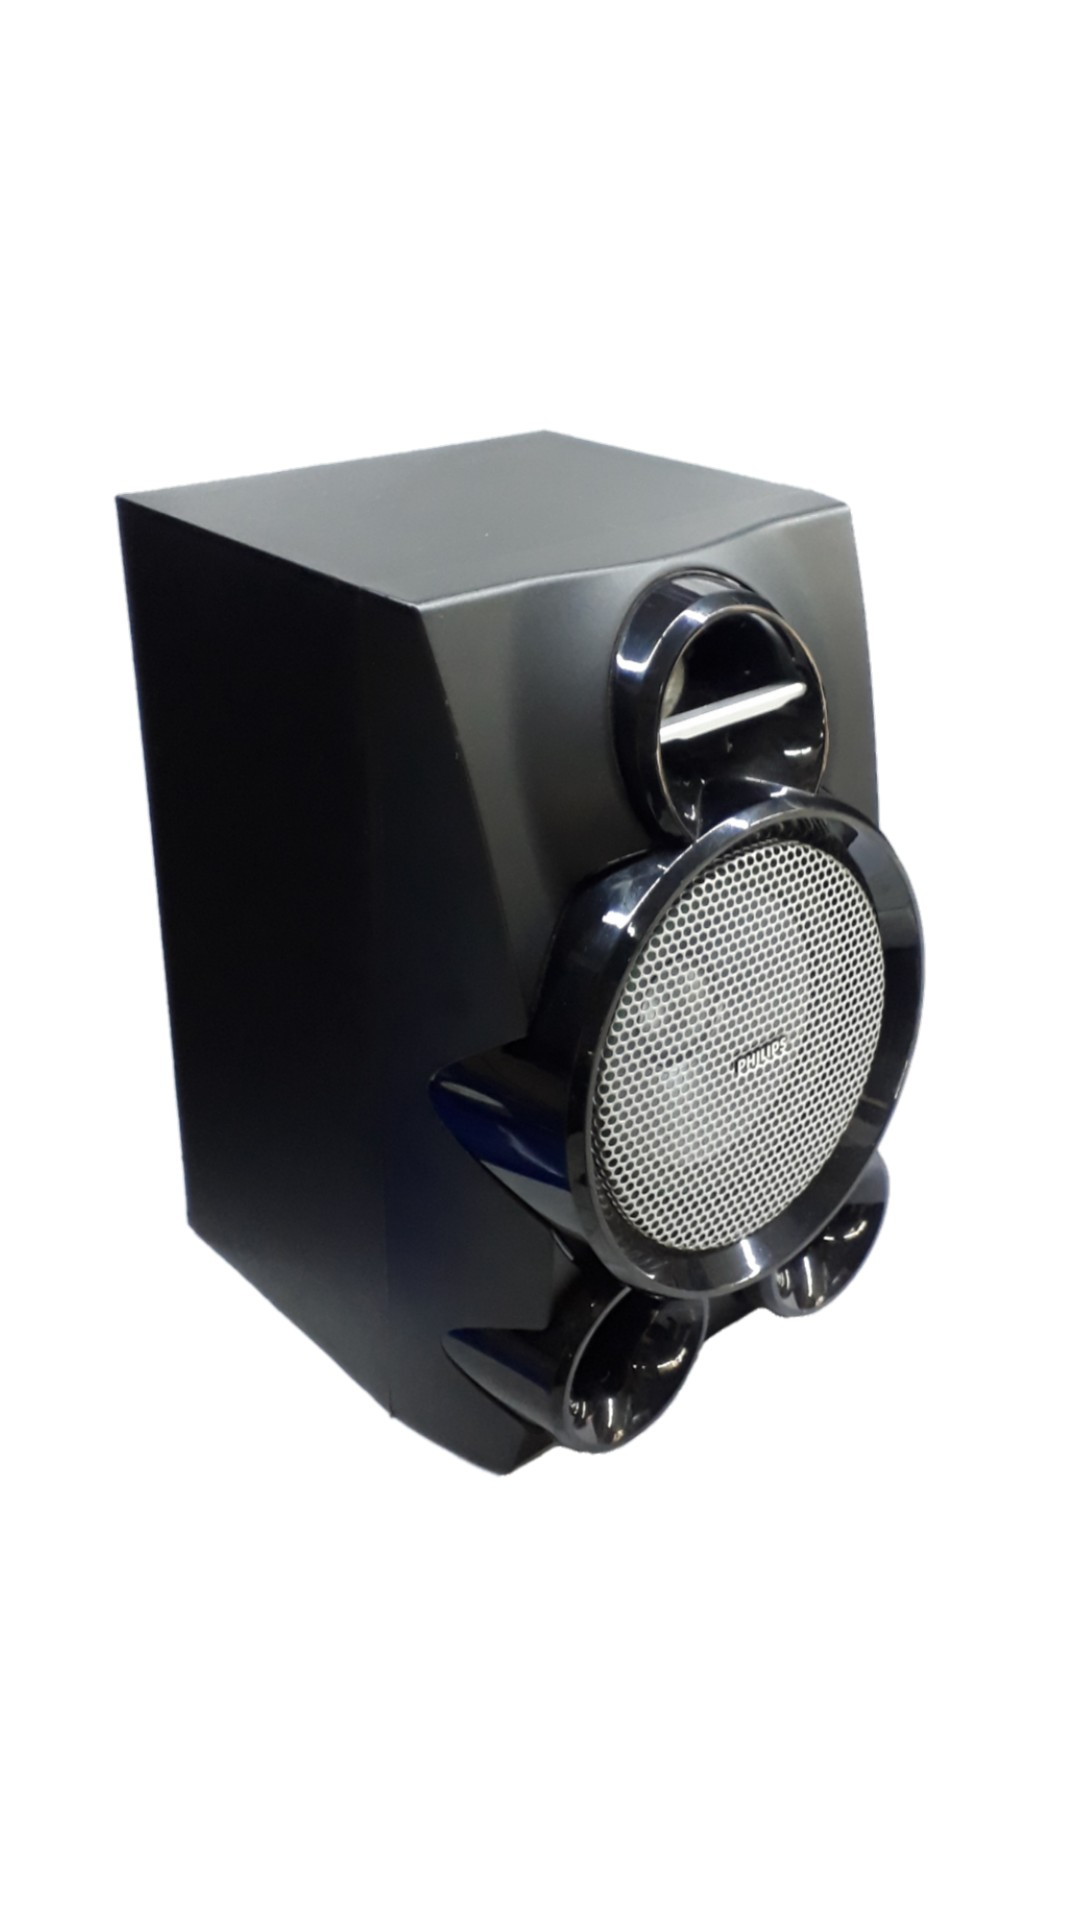 Caixa Acústica Philips Fwm462 6r A Unidade